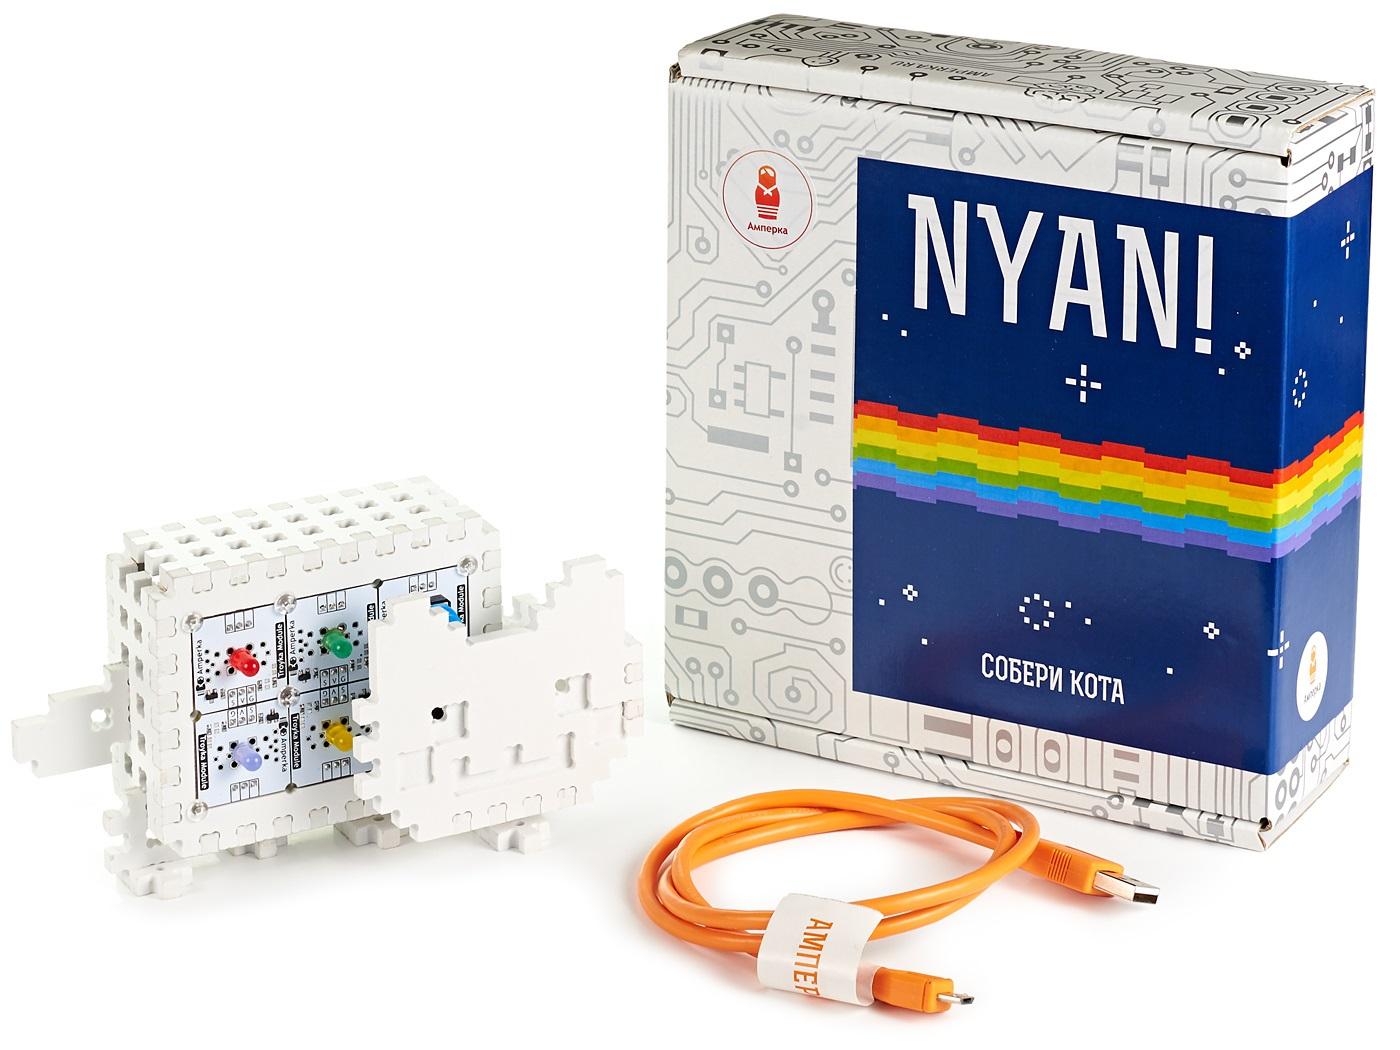 Электронный конструктор NYAN!Набор деталей для сборки умного котика «Nyan!» станет отличным подарком искушённому ценителю интернет-культуры.<br>